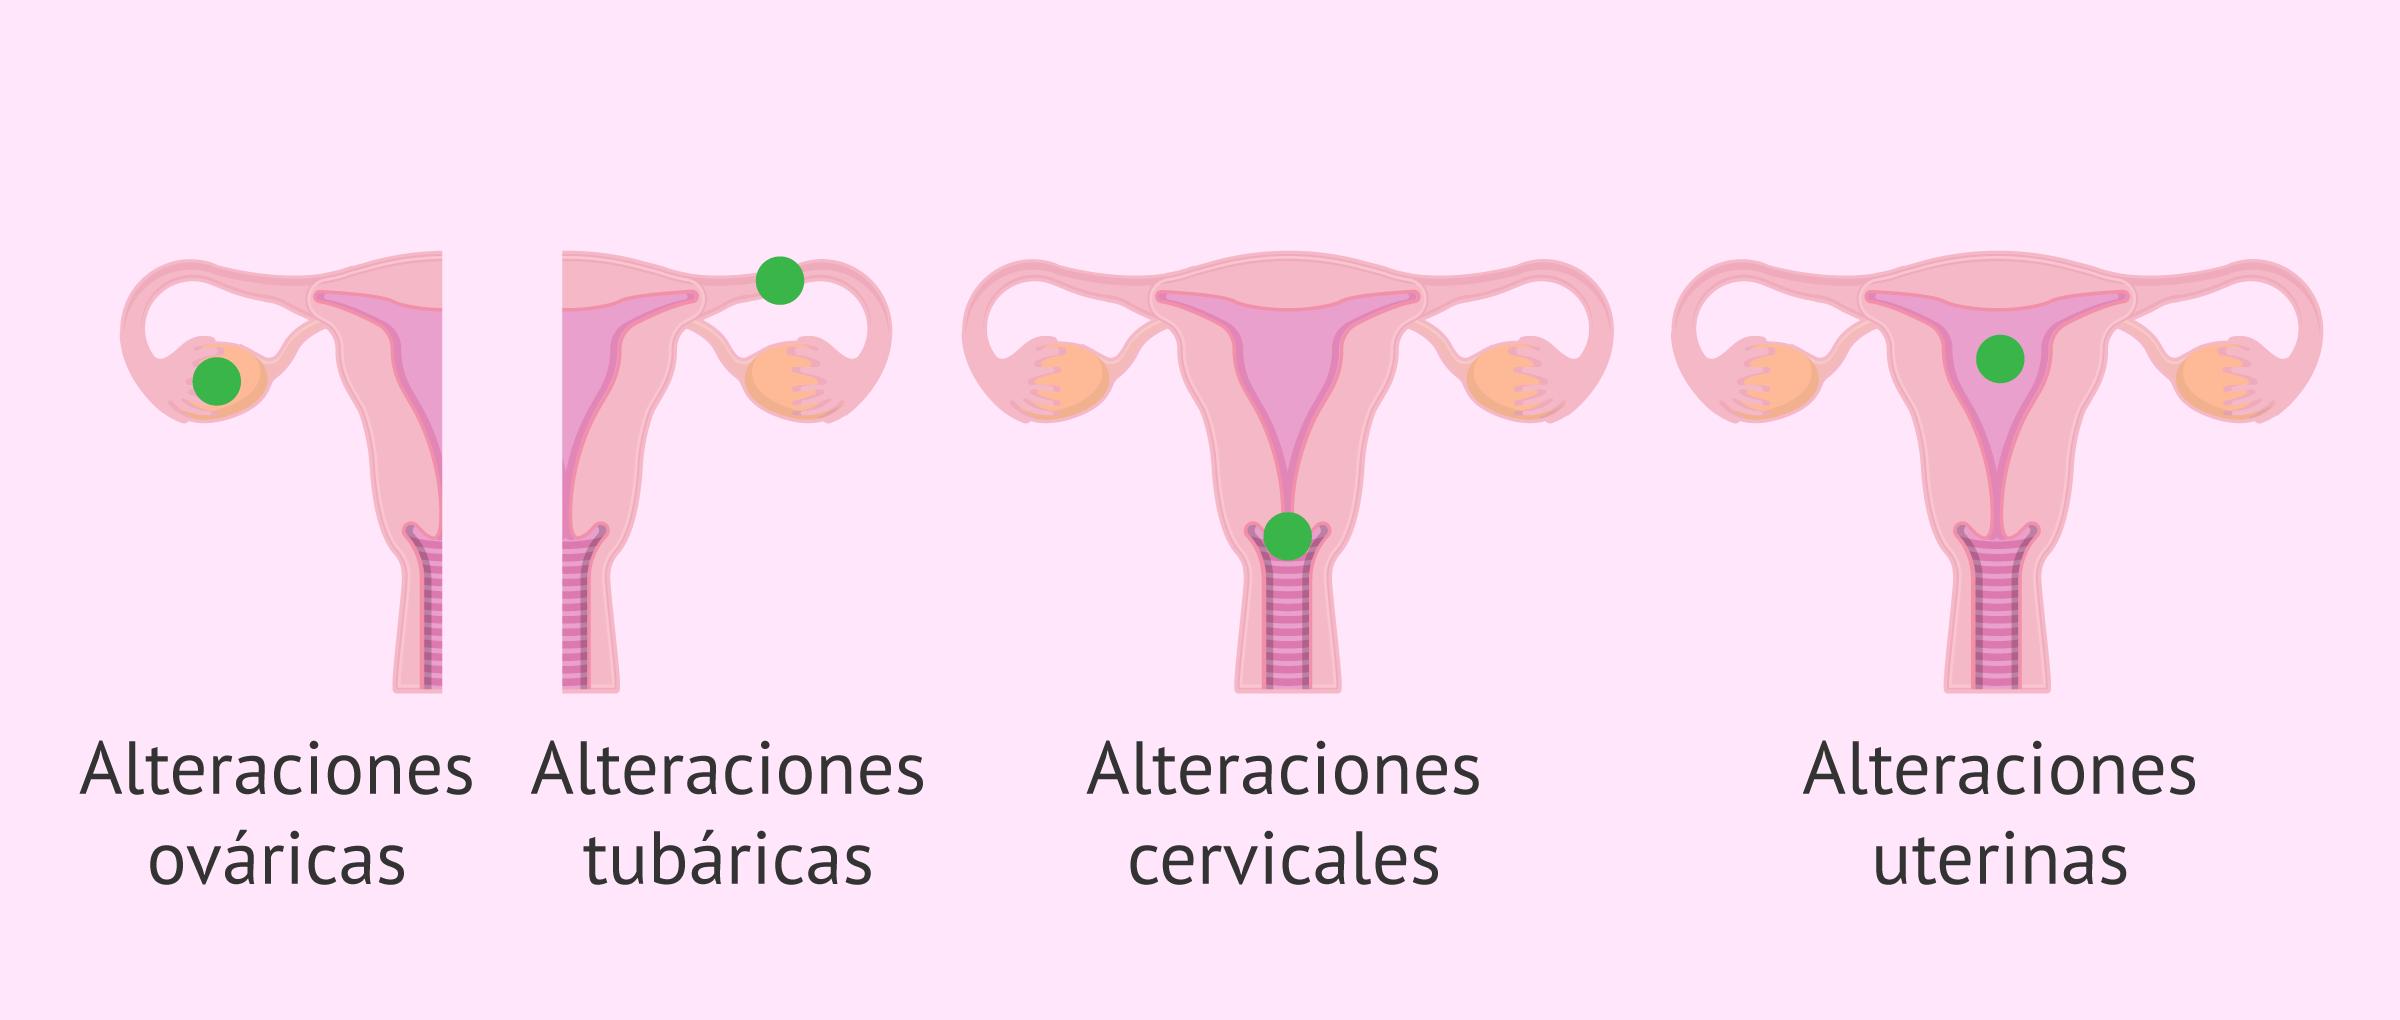 ¿Por qué se produce la infertilidad femenina?